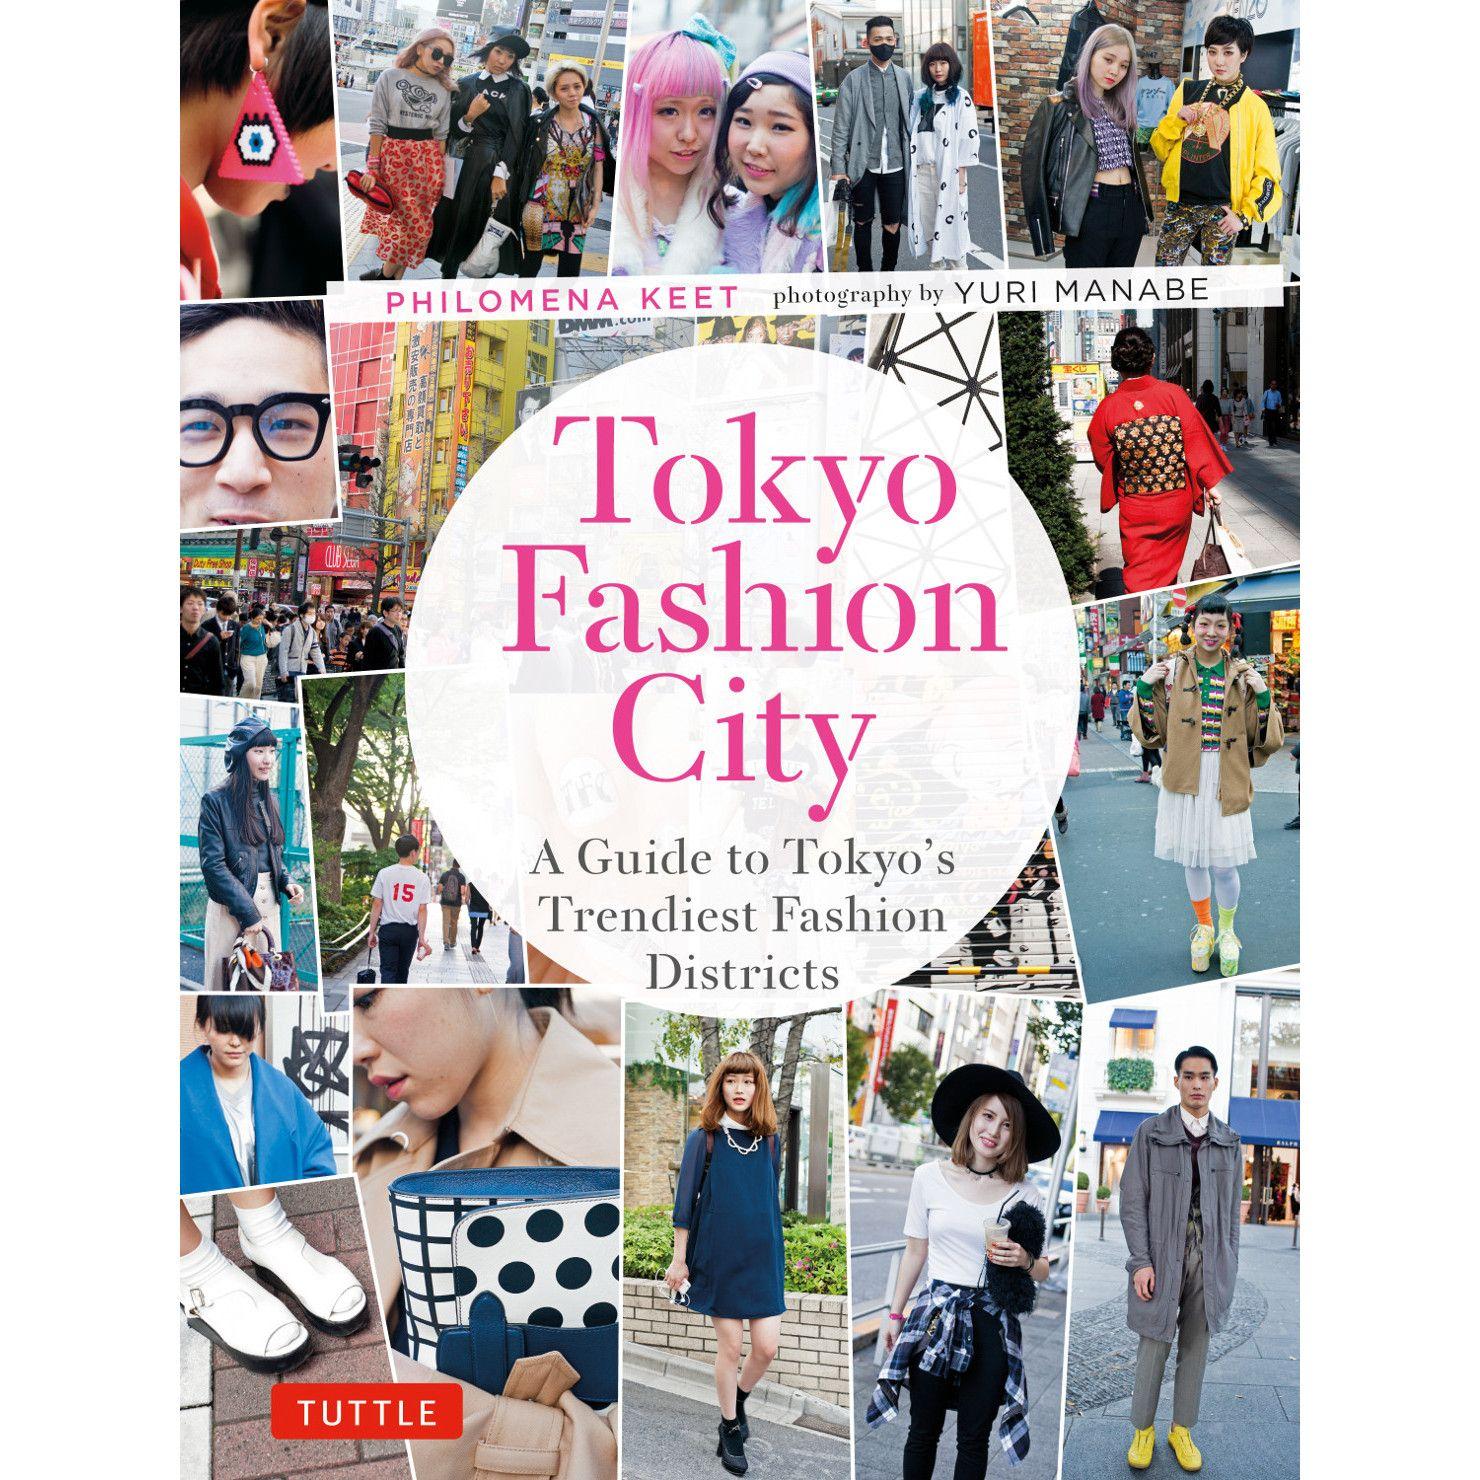 Tokyo Fashion City 9784805313398 Tokyo Fashion City Style Trendy Fashion